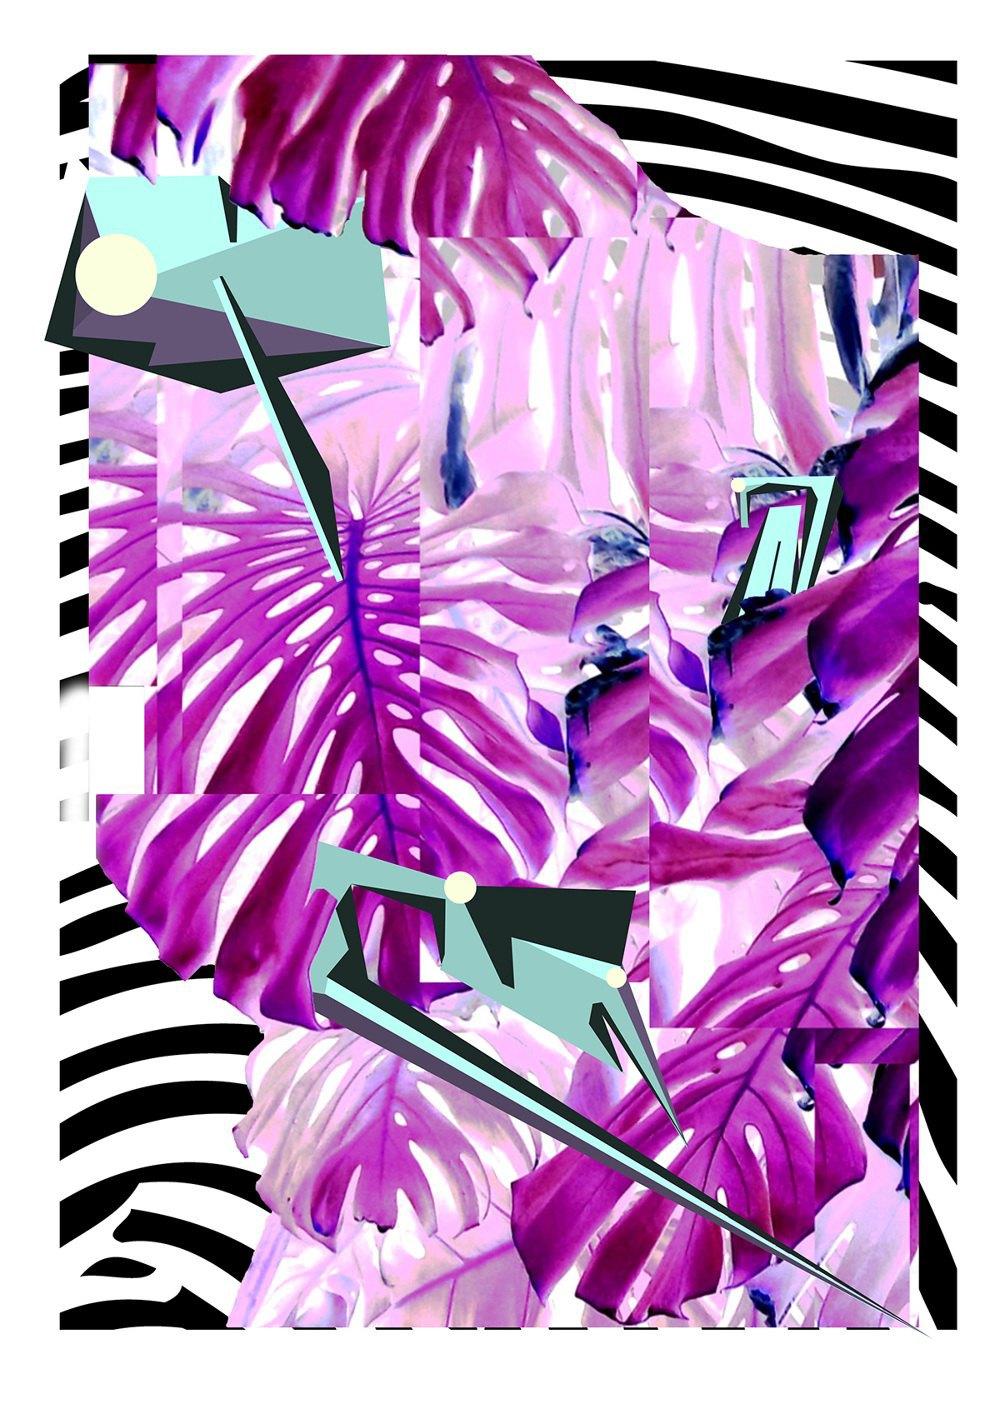 Xранилище мемов, мертвый веб и кодинг-арт: 12 работ с биеннале цифрового искусства. Изображение № 3.